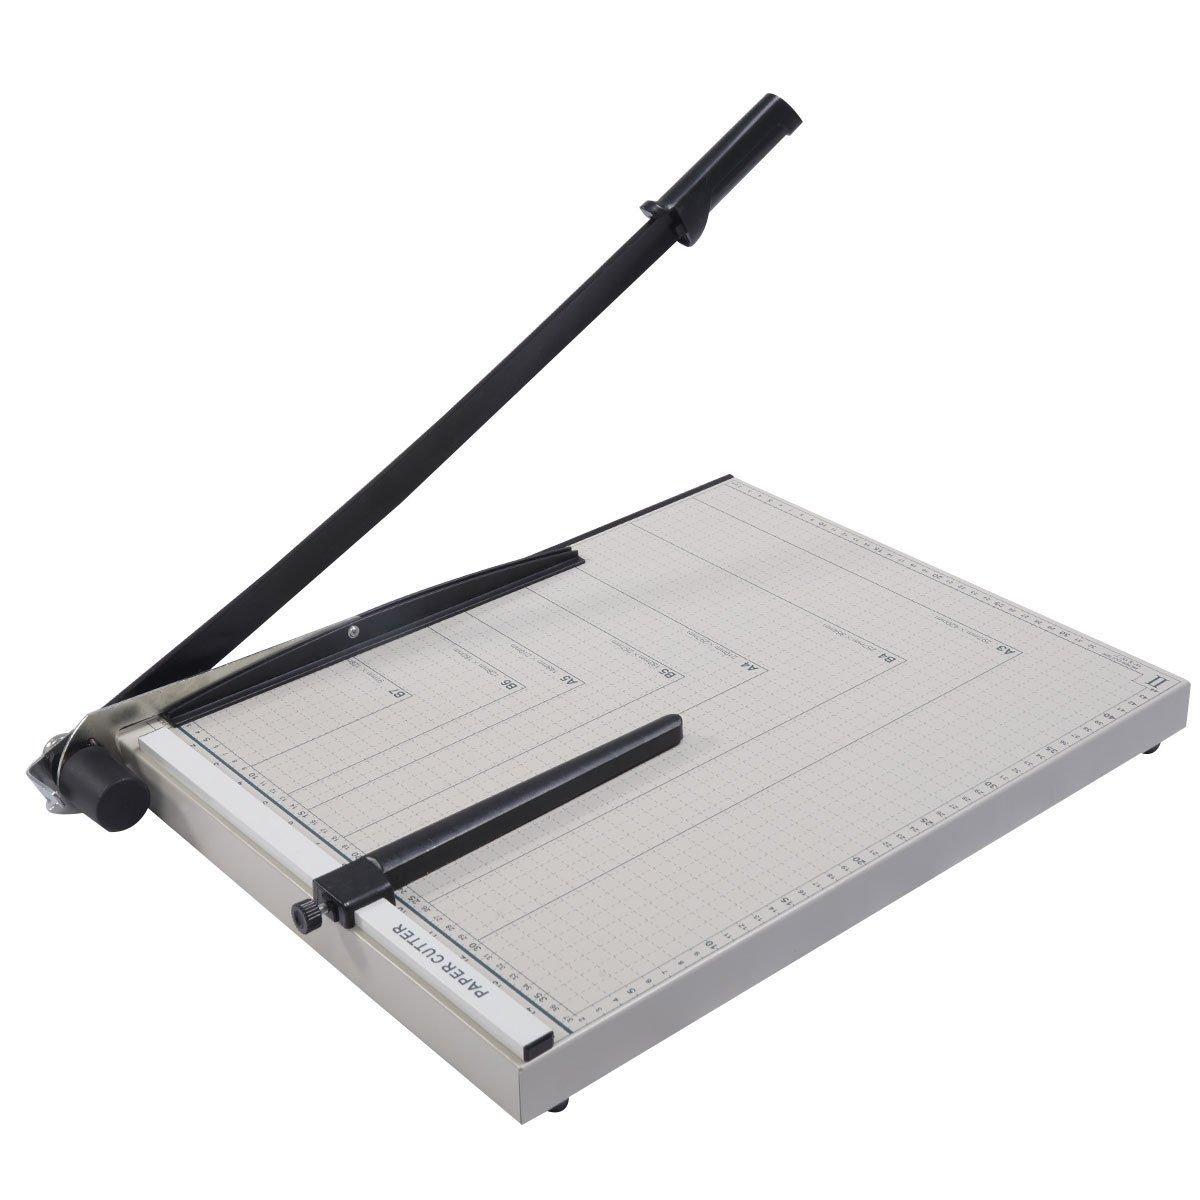 8 inch Sturdy Metal Base Paper Cutter Trimmer Scrap Booking Guillotine 18x15